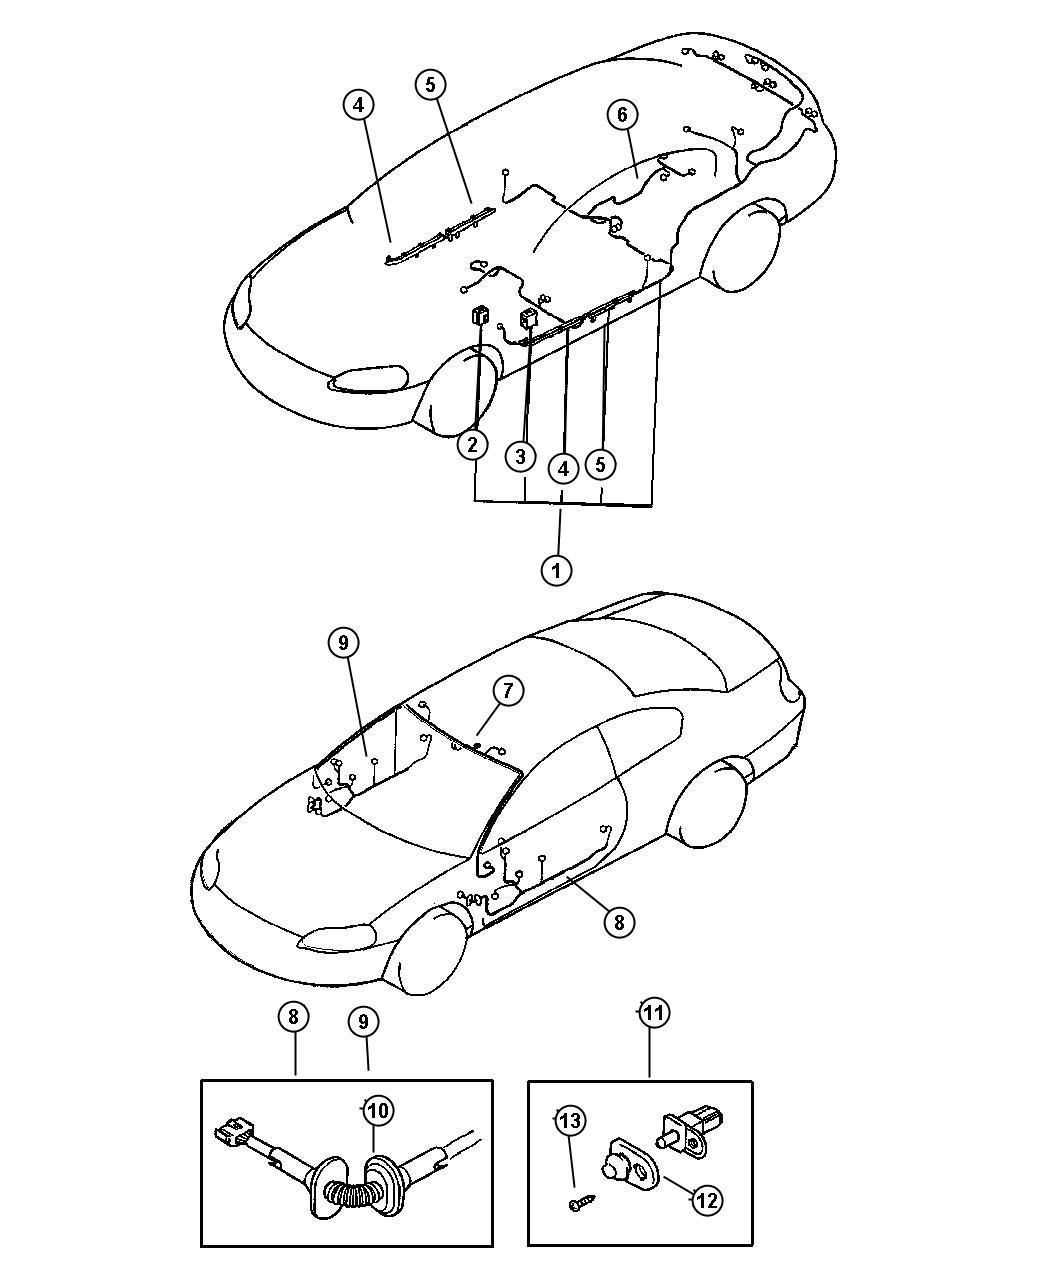 Dodge Stratus Wiring Door With Security